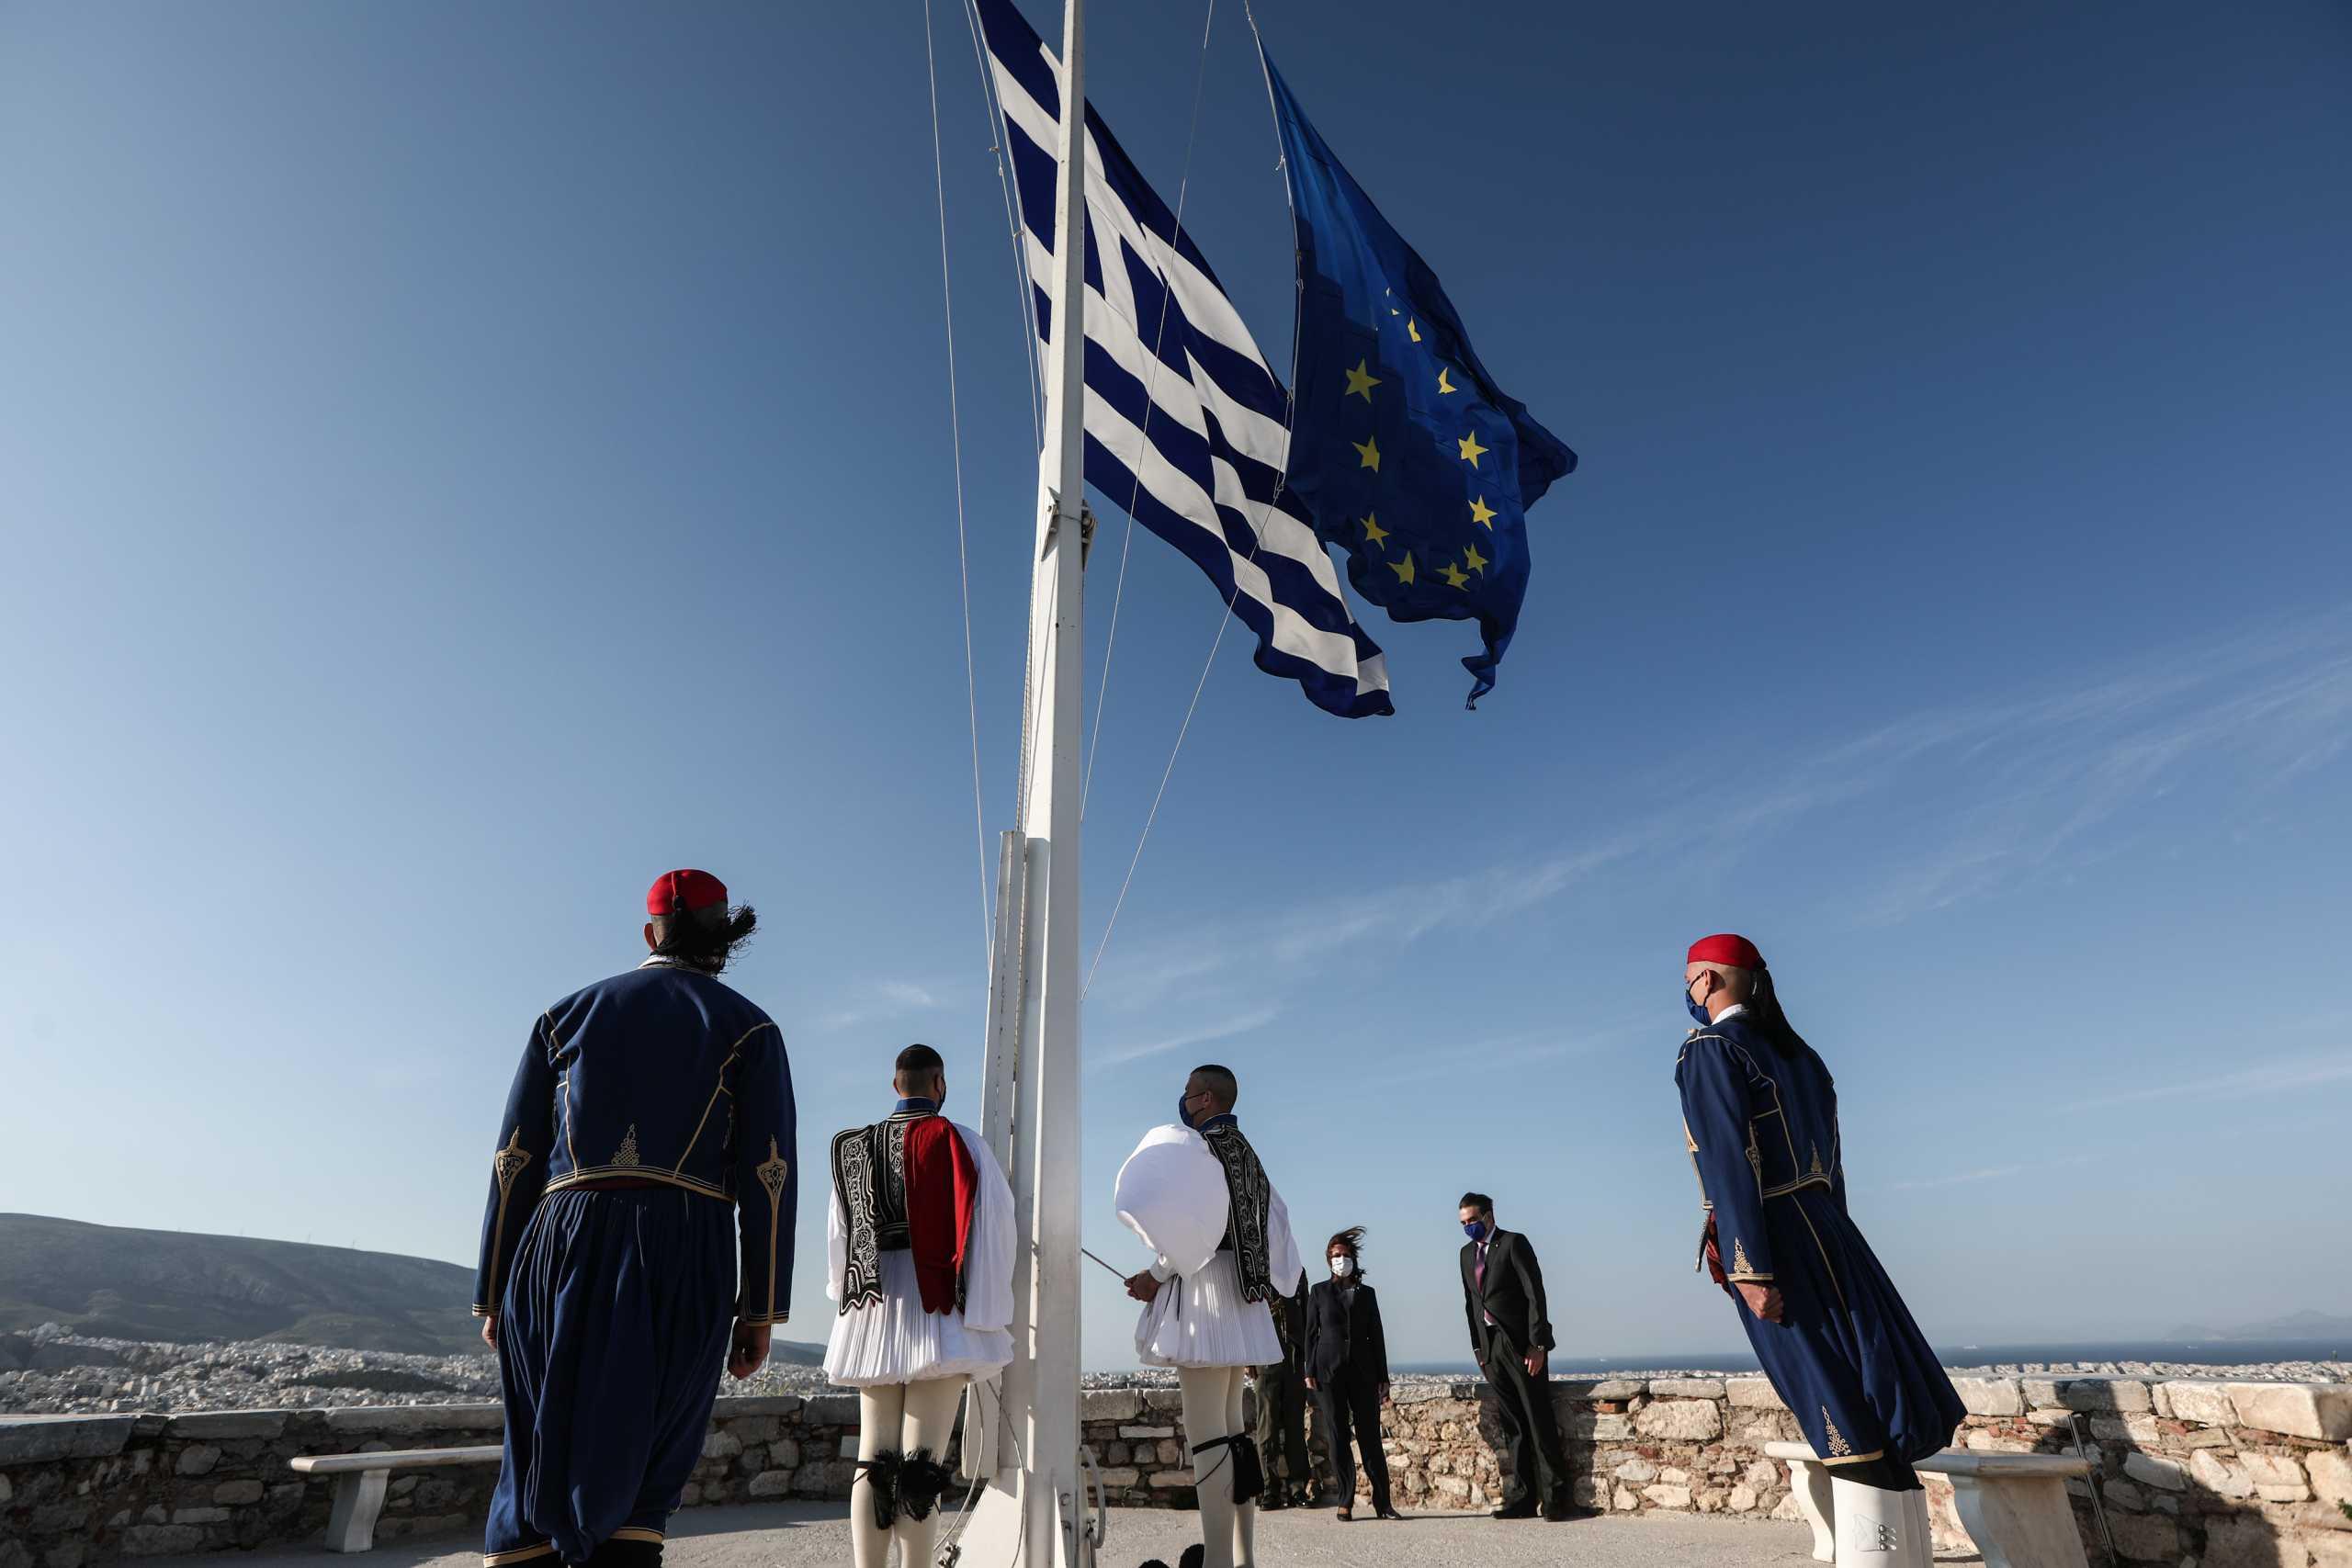 Ημέρα της Ευρώπης: Έπαρση της ελληνικής σημαίας και της σημαίας της ΕΕ στην Ακρόπολη (pics)